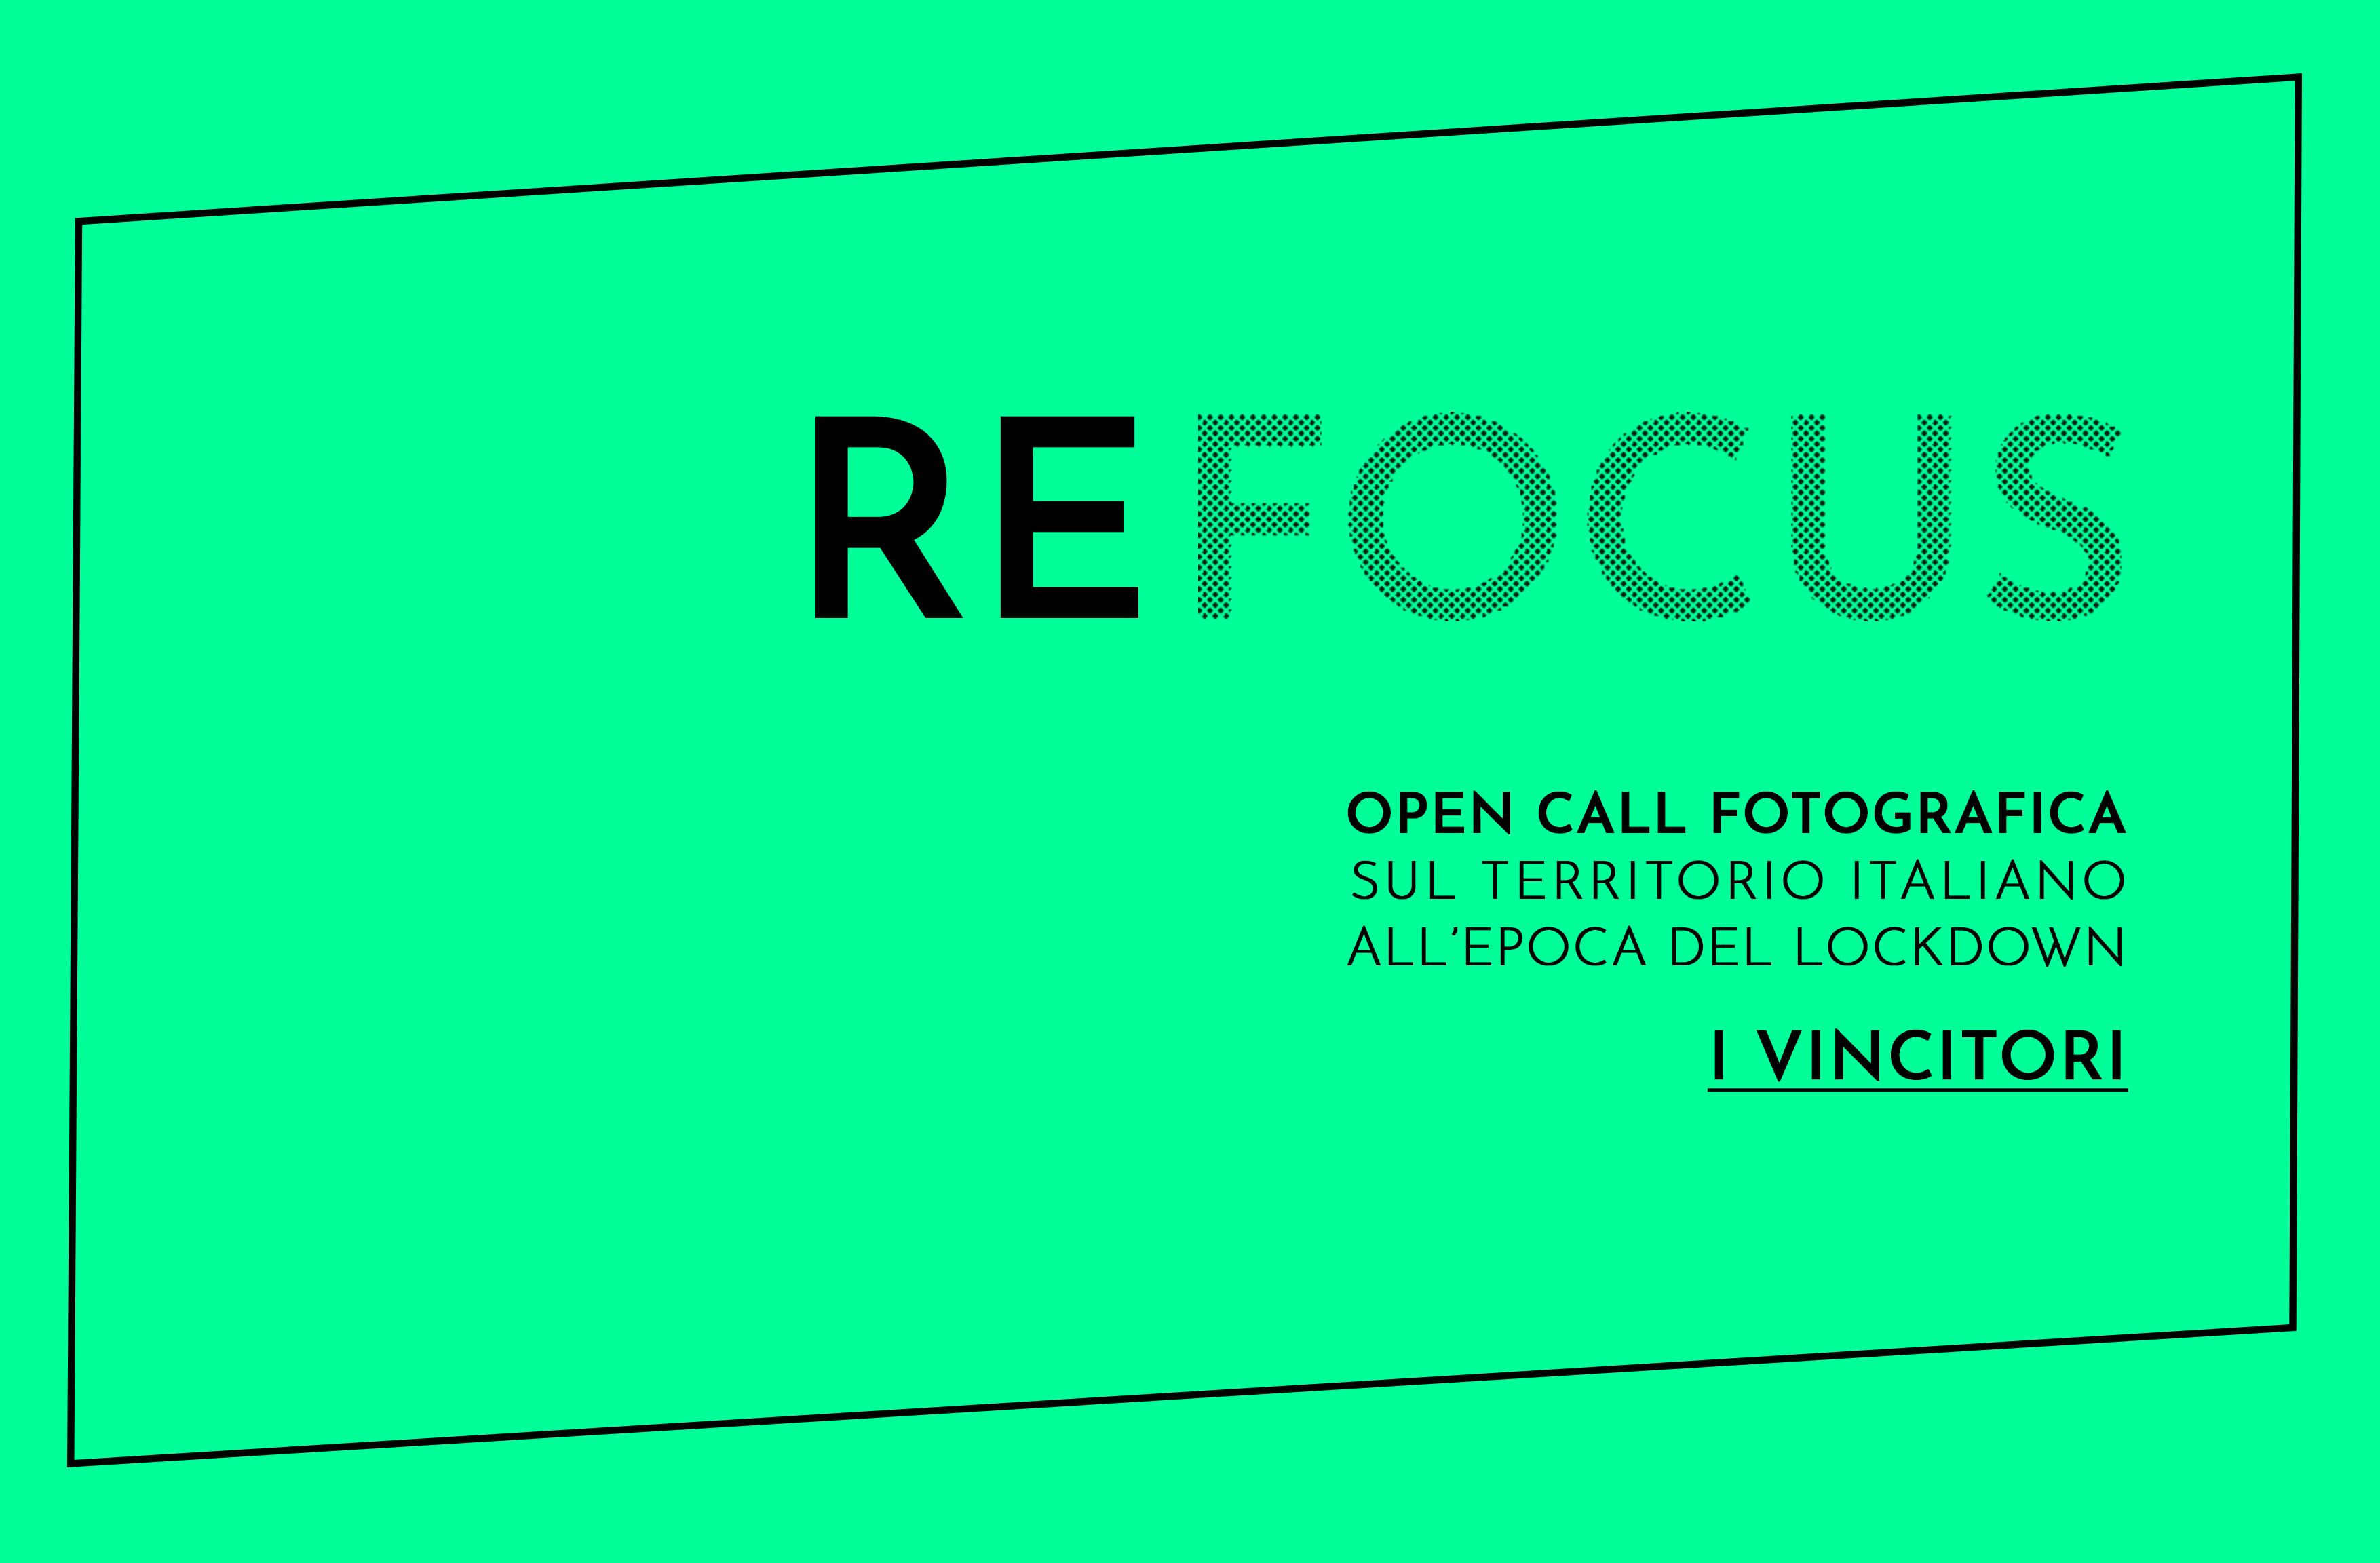 REFOCUS, selezionati i fotografi vincitori